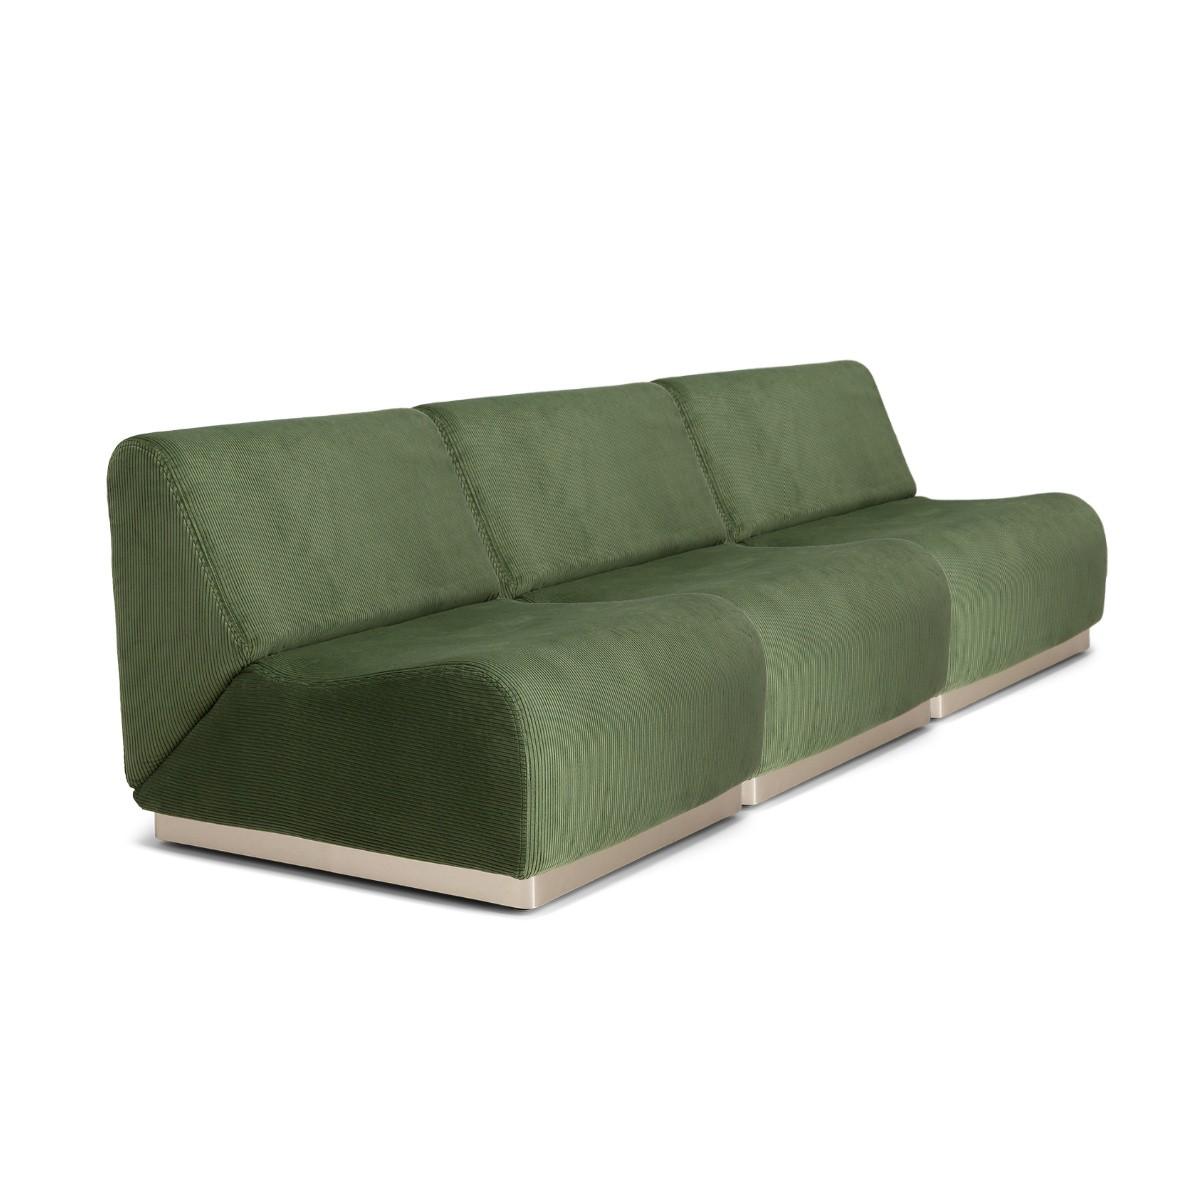 Canapé modulable Rotondo velours côtelé vert amande